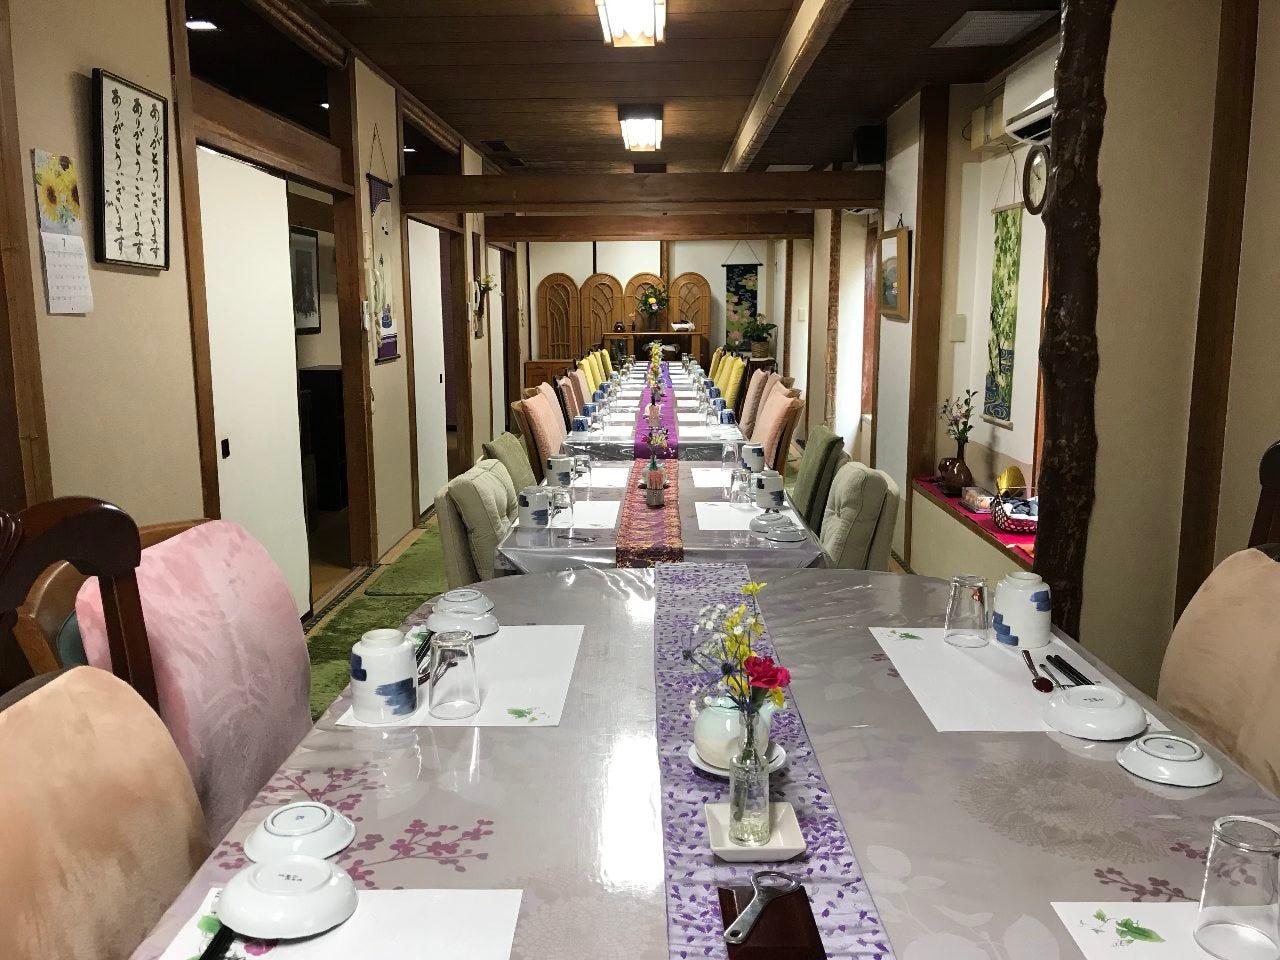 テーブル席・完全個室(壁・扉あり)・35名様まで